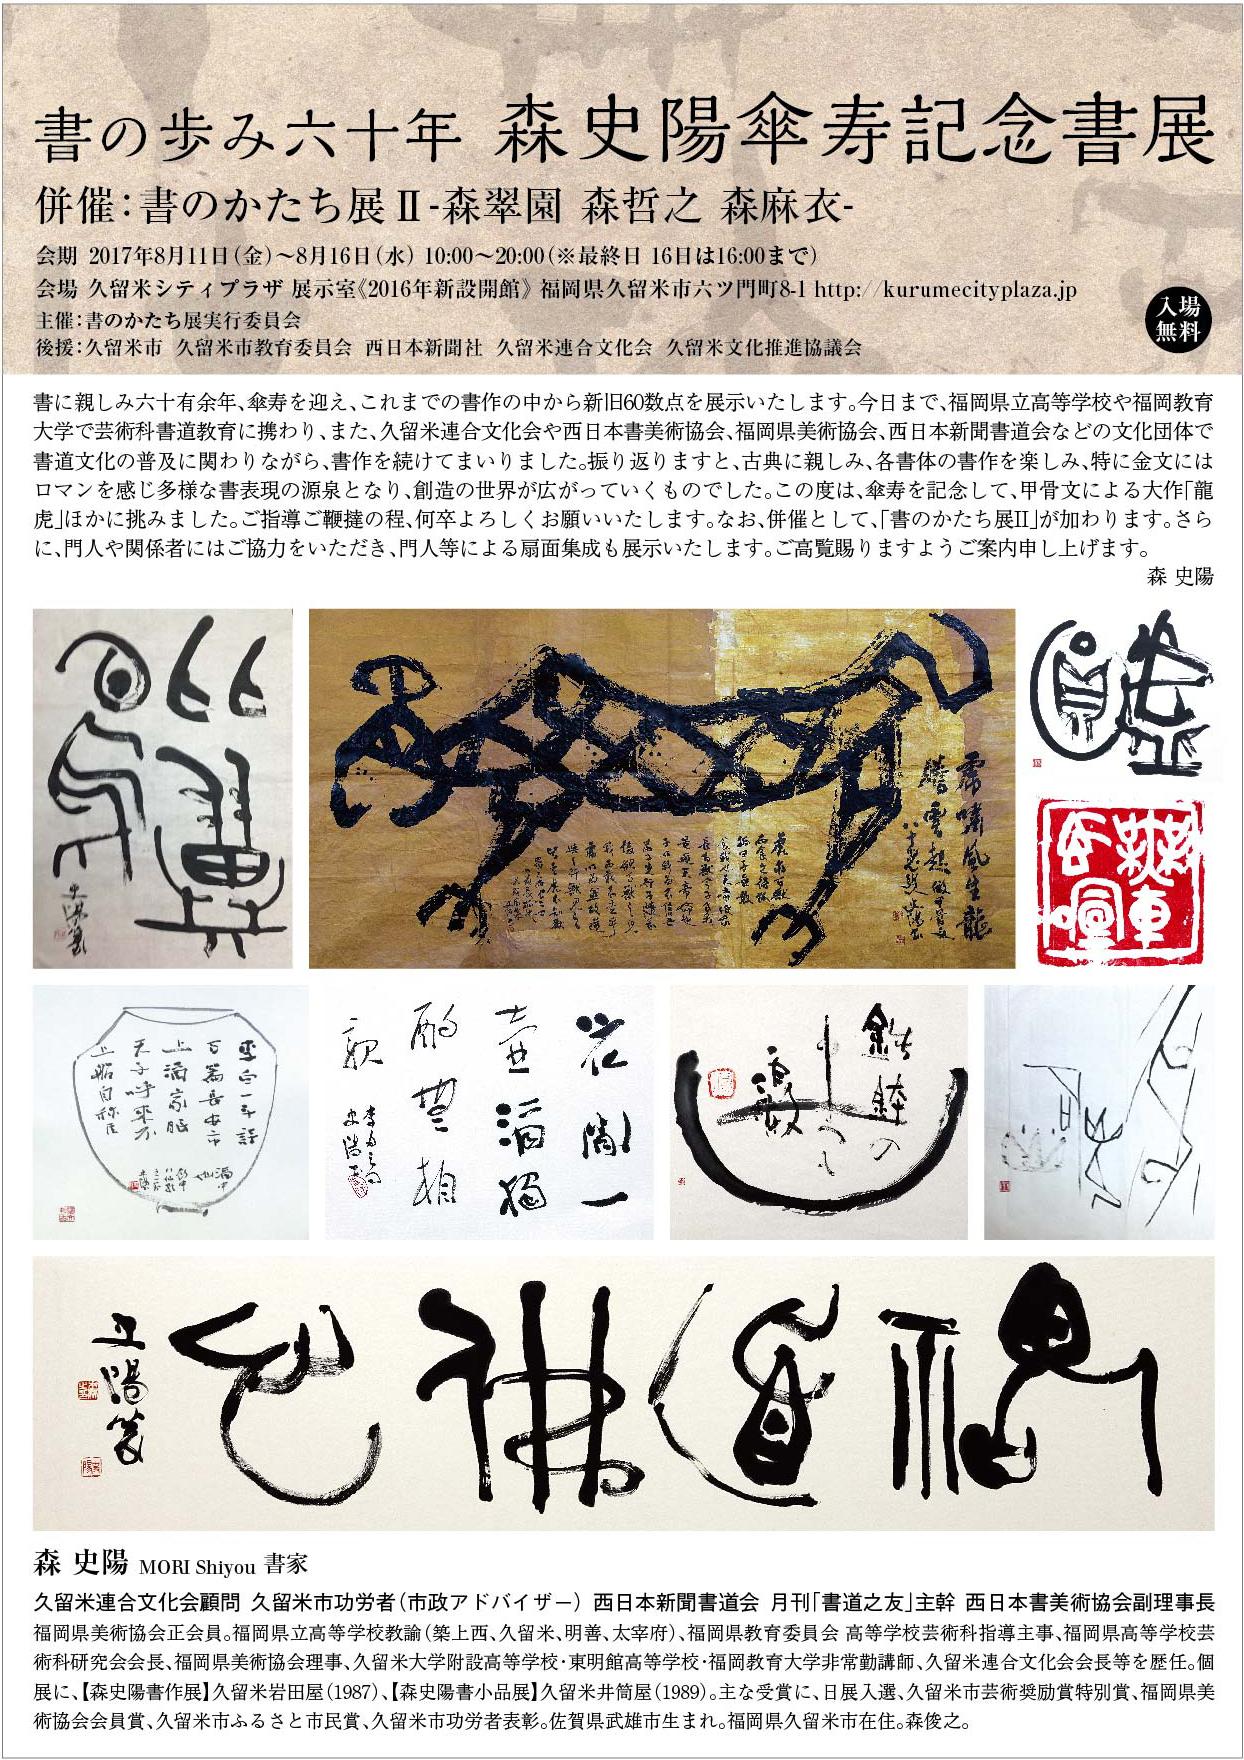 森 史陽 傘寿記念書展のお知らせ